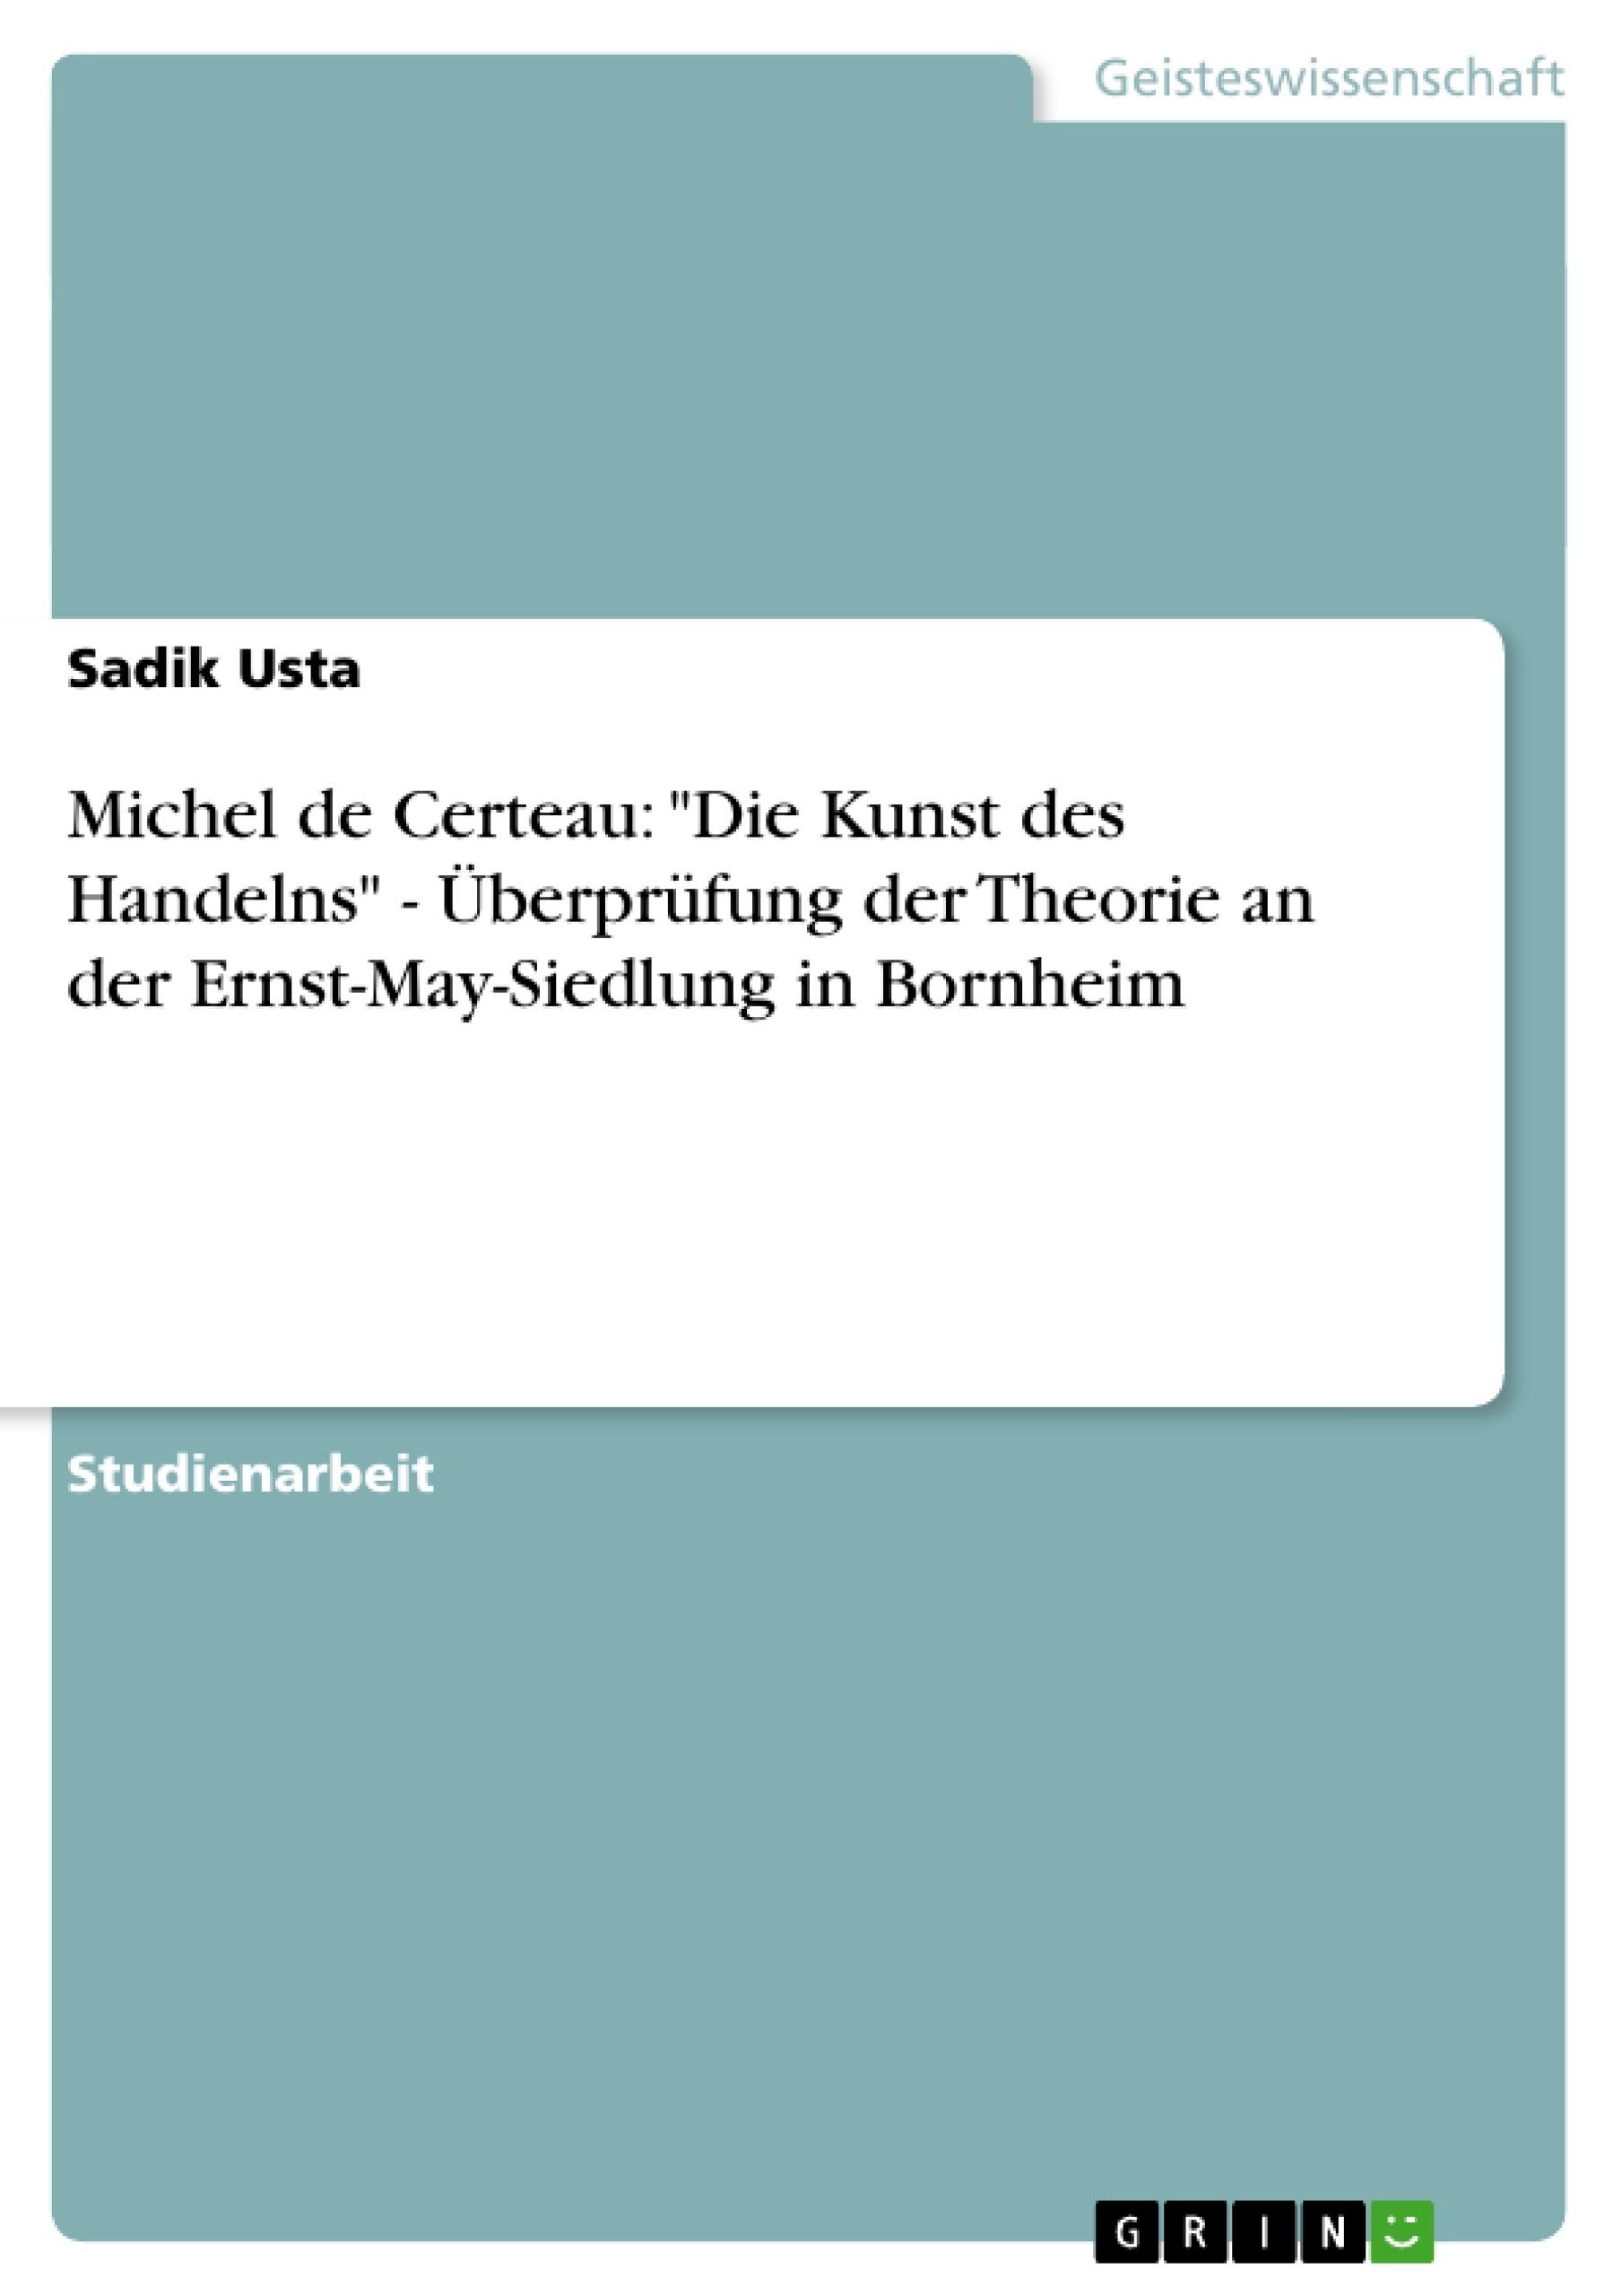 """Titel: Michel de Certeau: """"Die Kunst des Handelns"""" - Überprüfung der Theorie an der Ernst-May-Siedlung in Bornheim"""